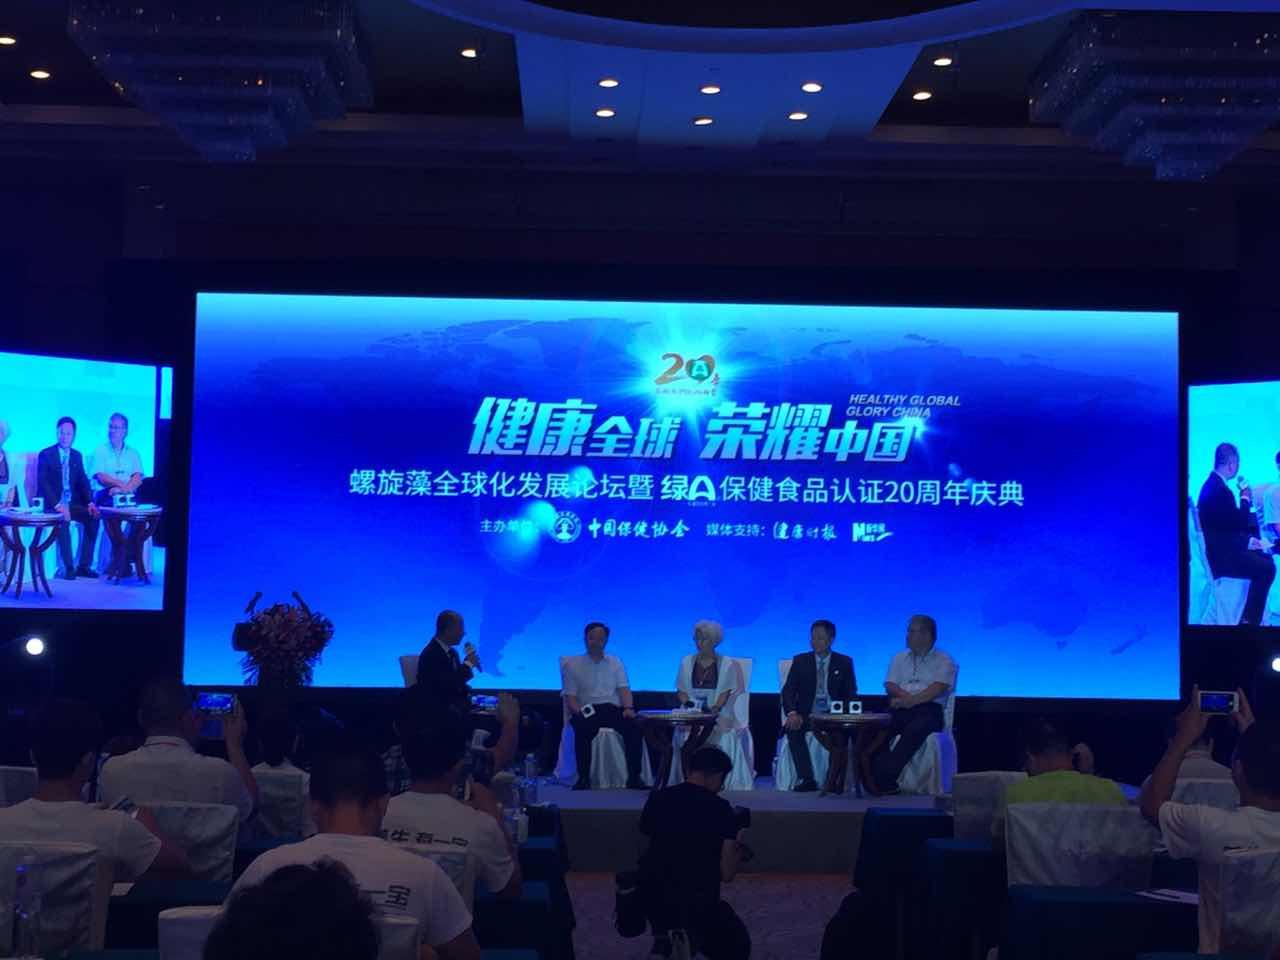 中国保健产业迎历史机遇 做好品牌是关键